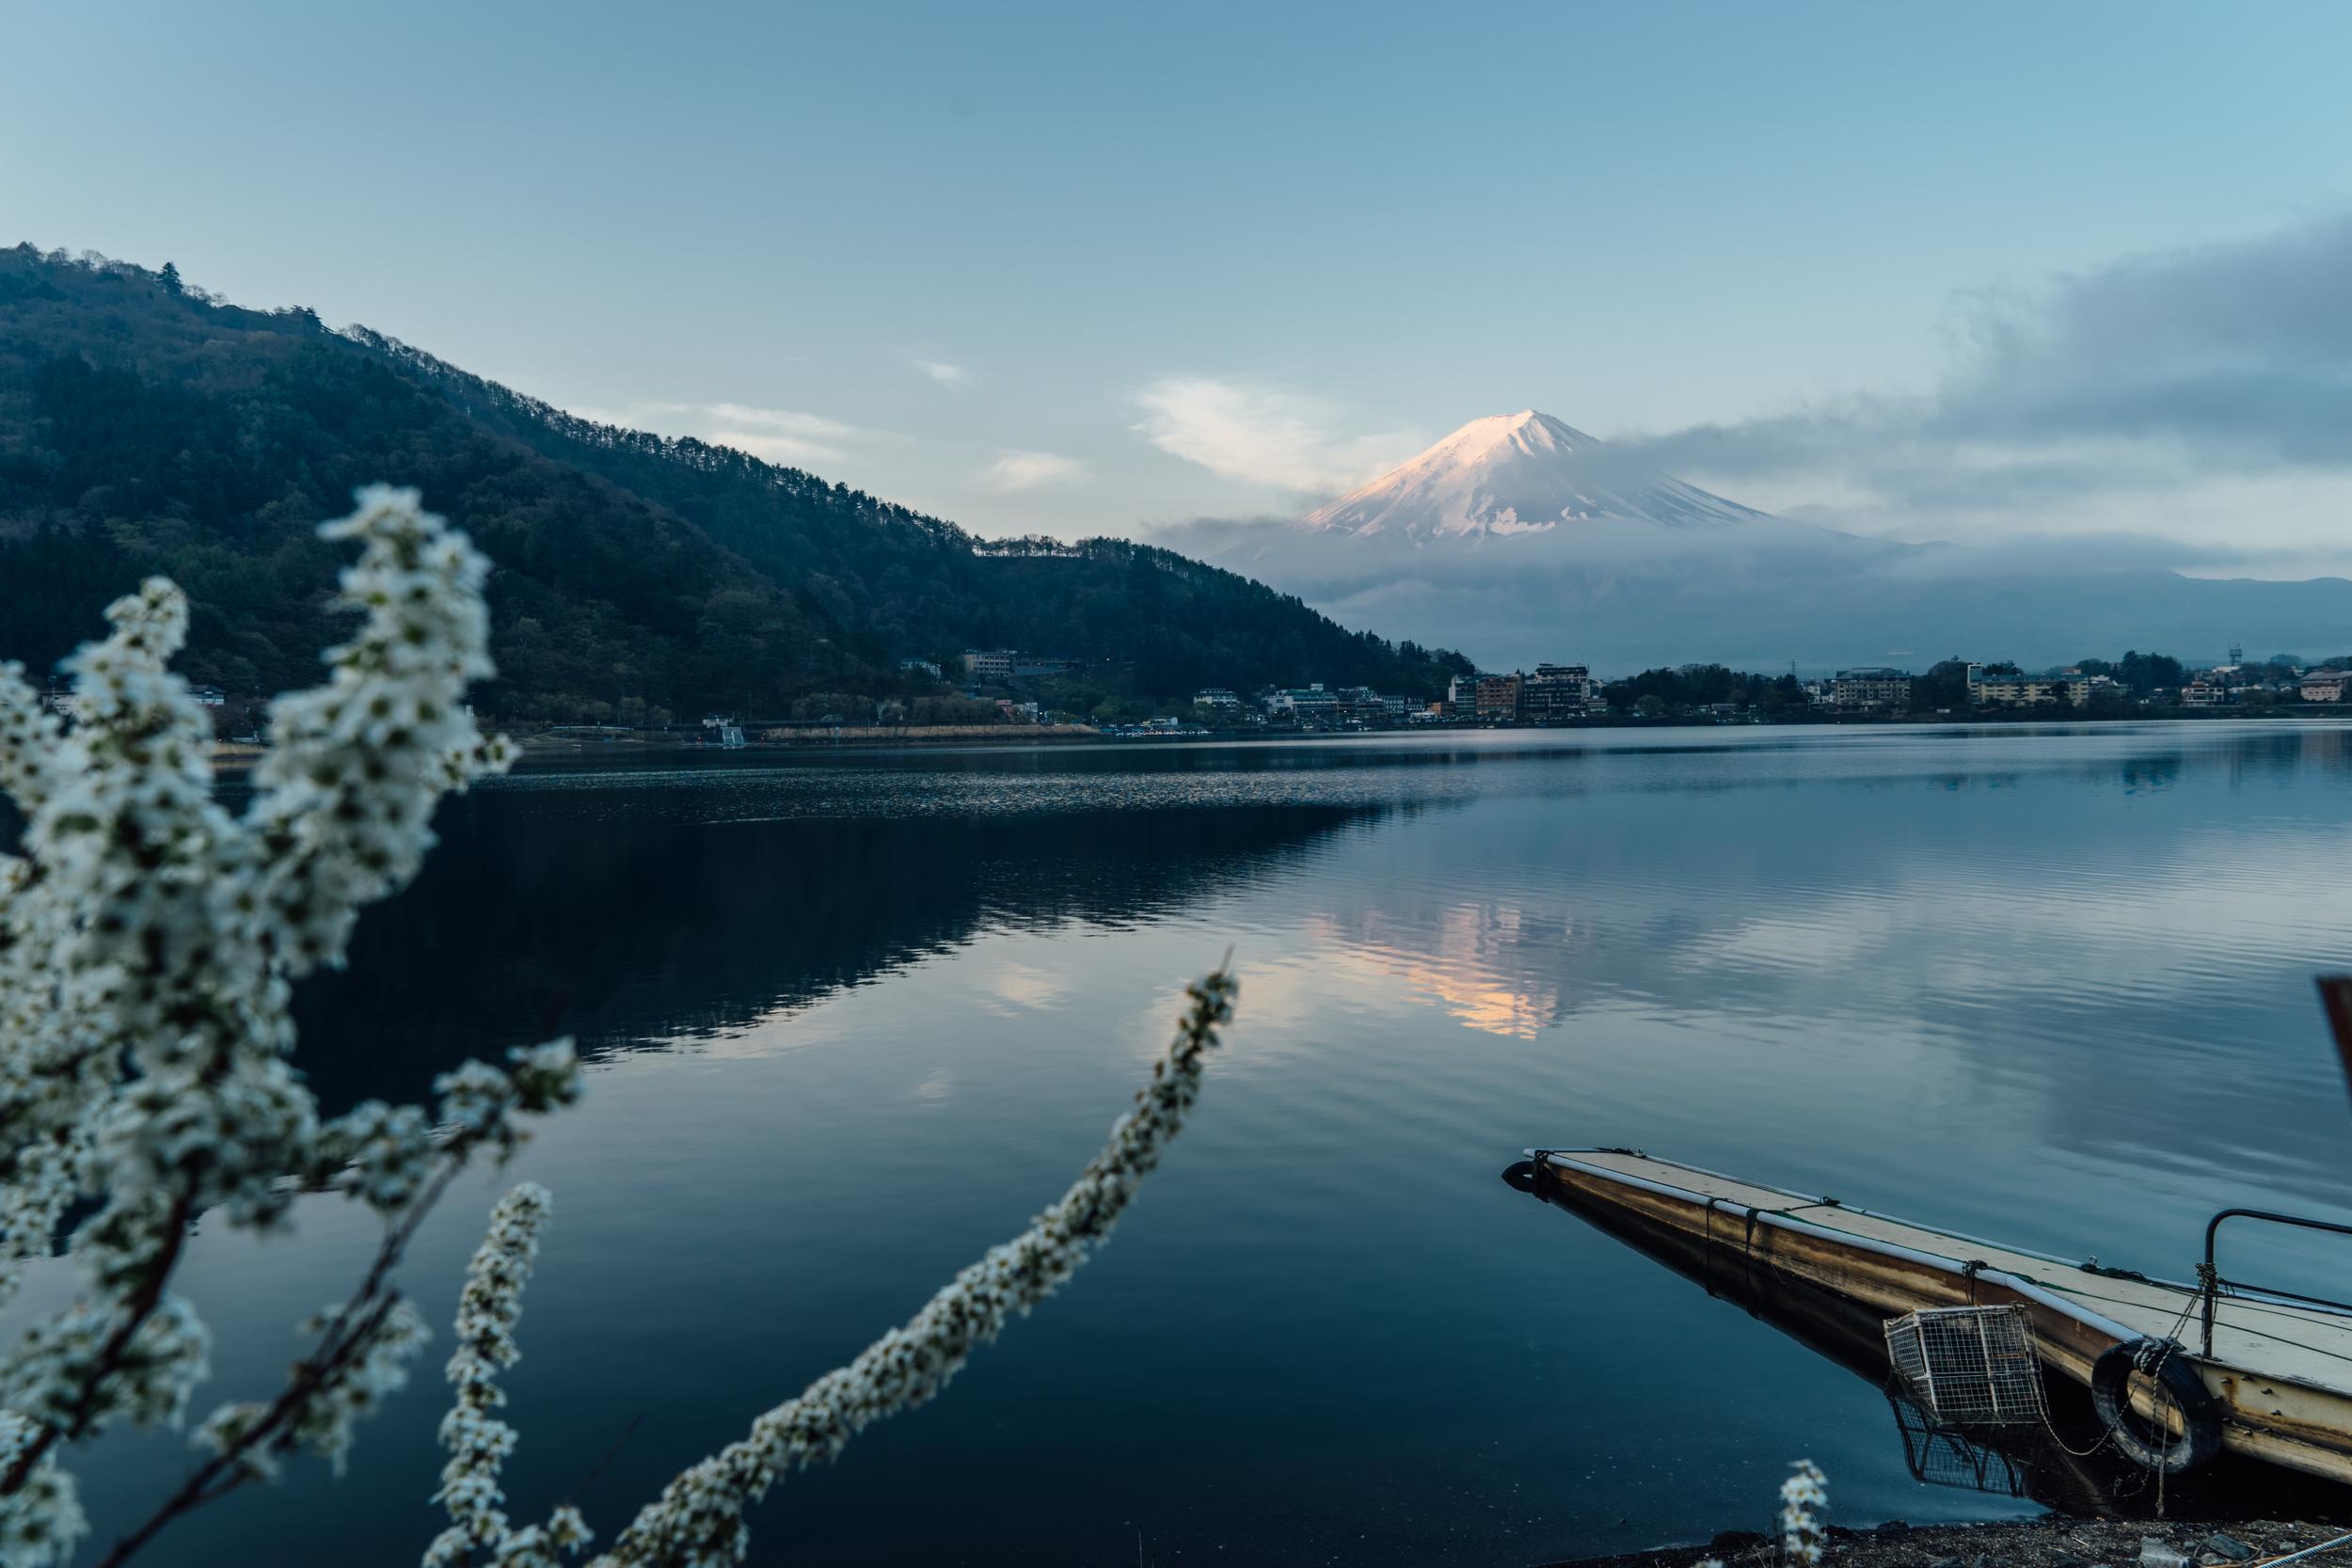 Mt. Fuji from Kawaguchiko